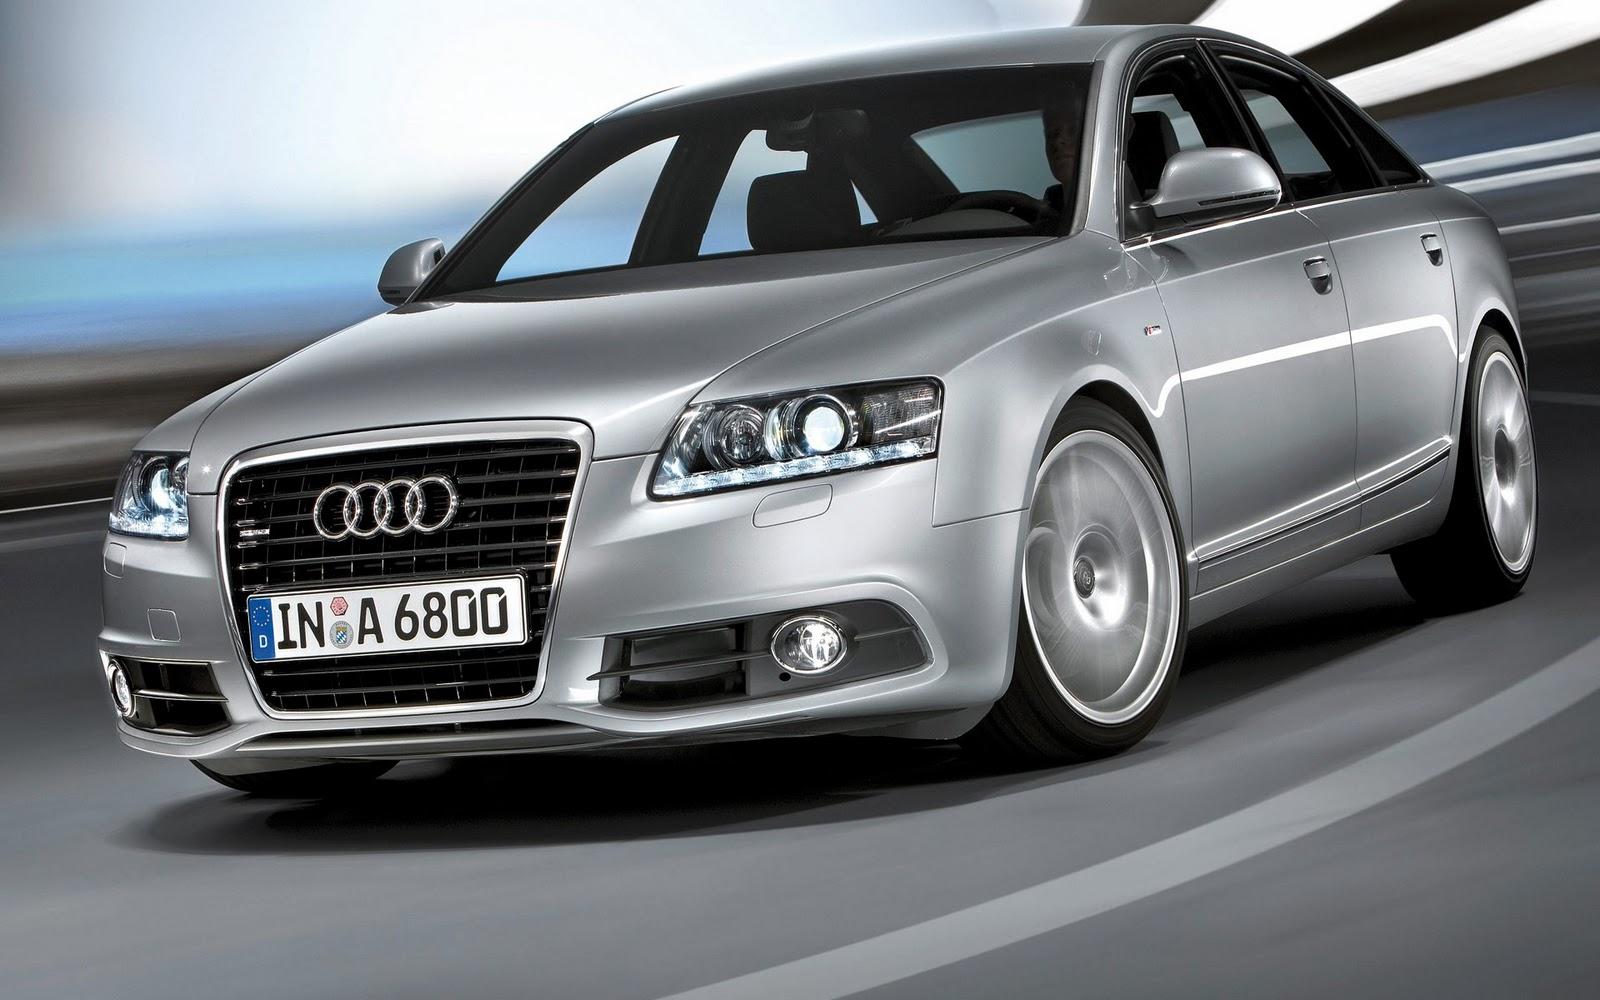 http://1.bp.blogspot.com/_sRGU_JXOz6E/TRYiO6C5OPI/AAAAAAAAAgA/CI4ER-C2ndw/s1600/Audi+A6+Wallpaper+85.jpg